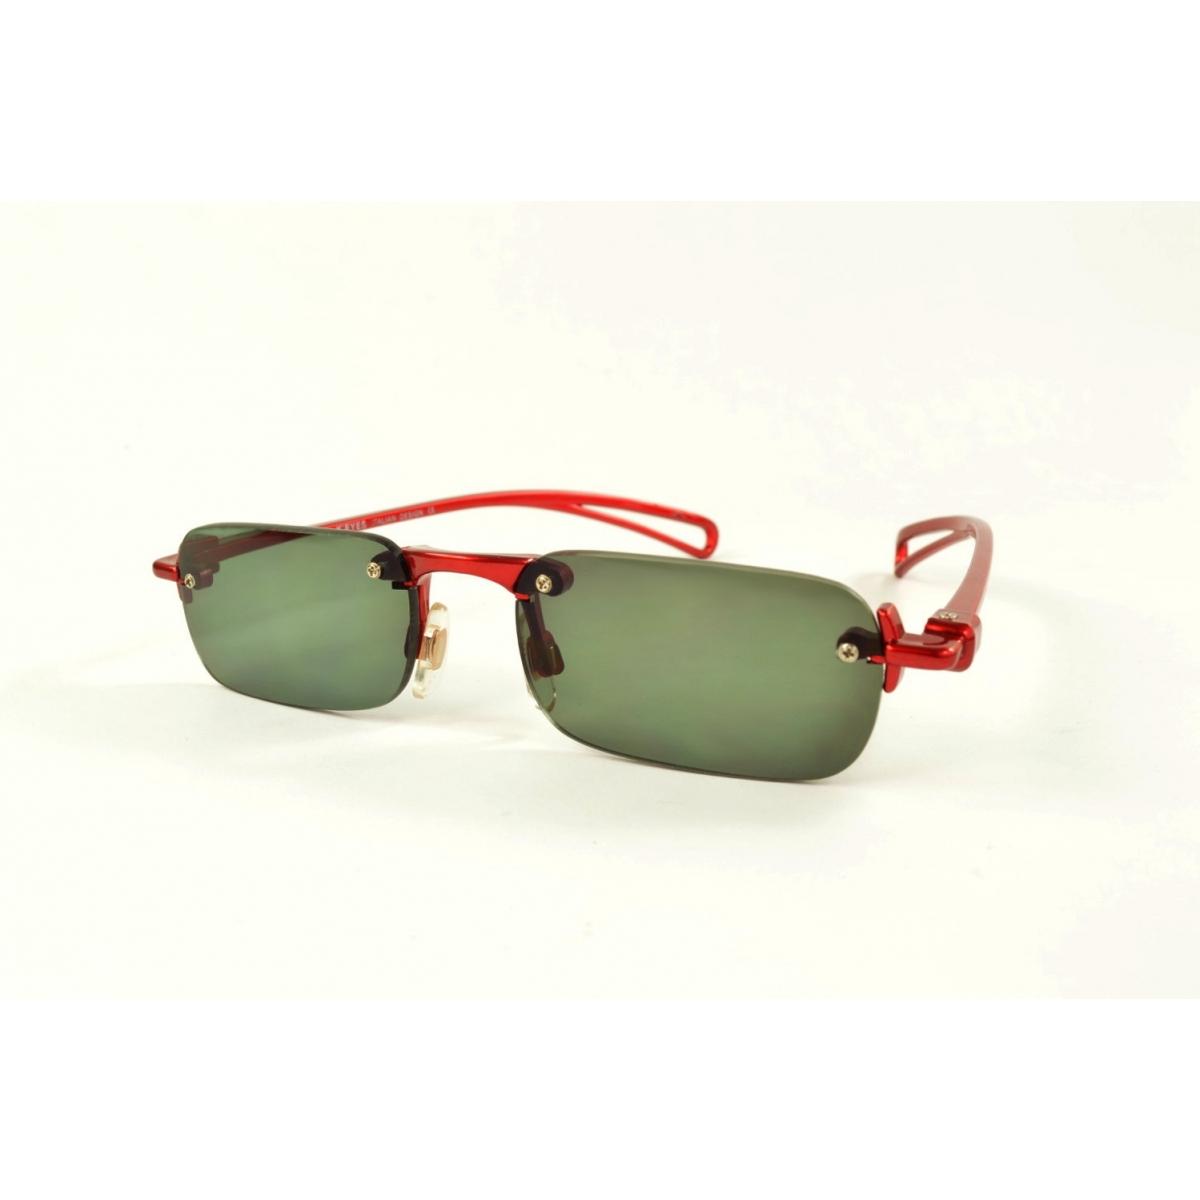 Gafas de lectura de sol invisibles con montura roja